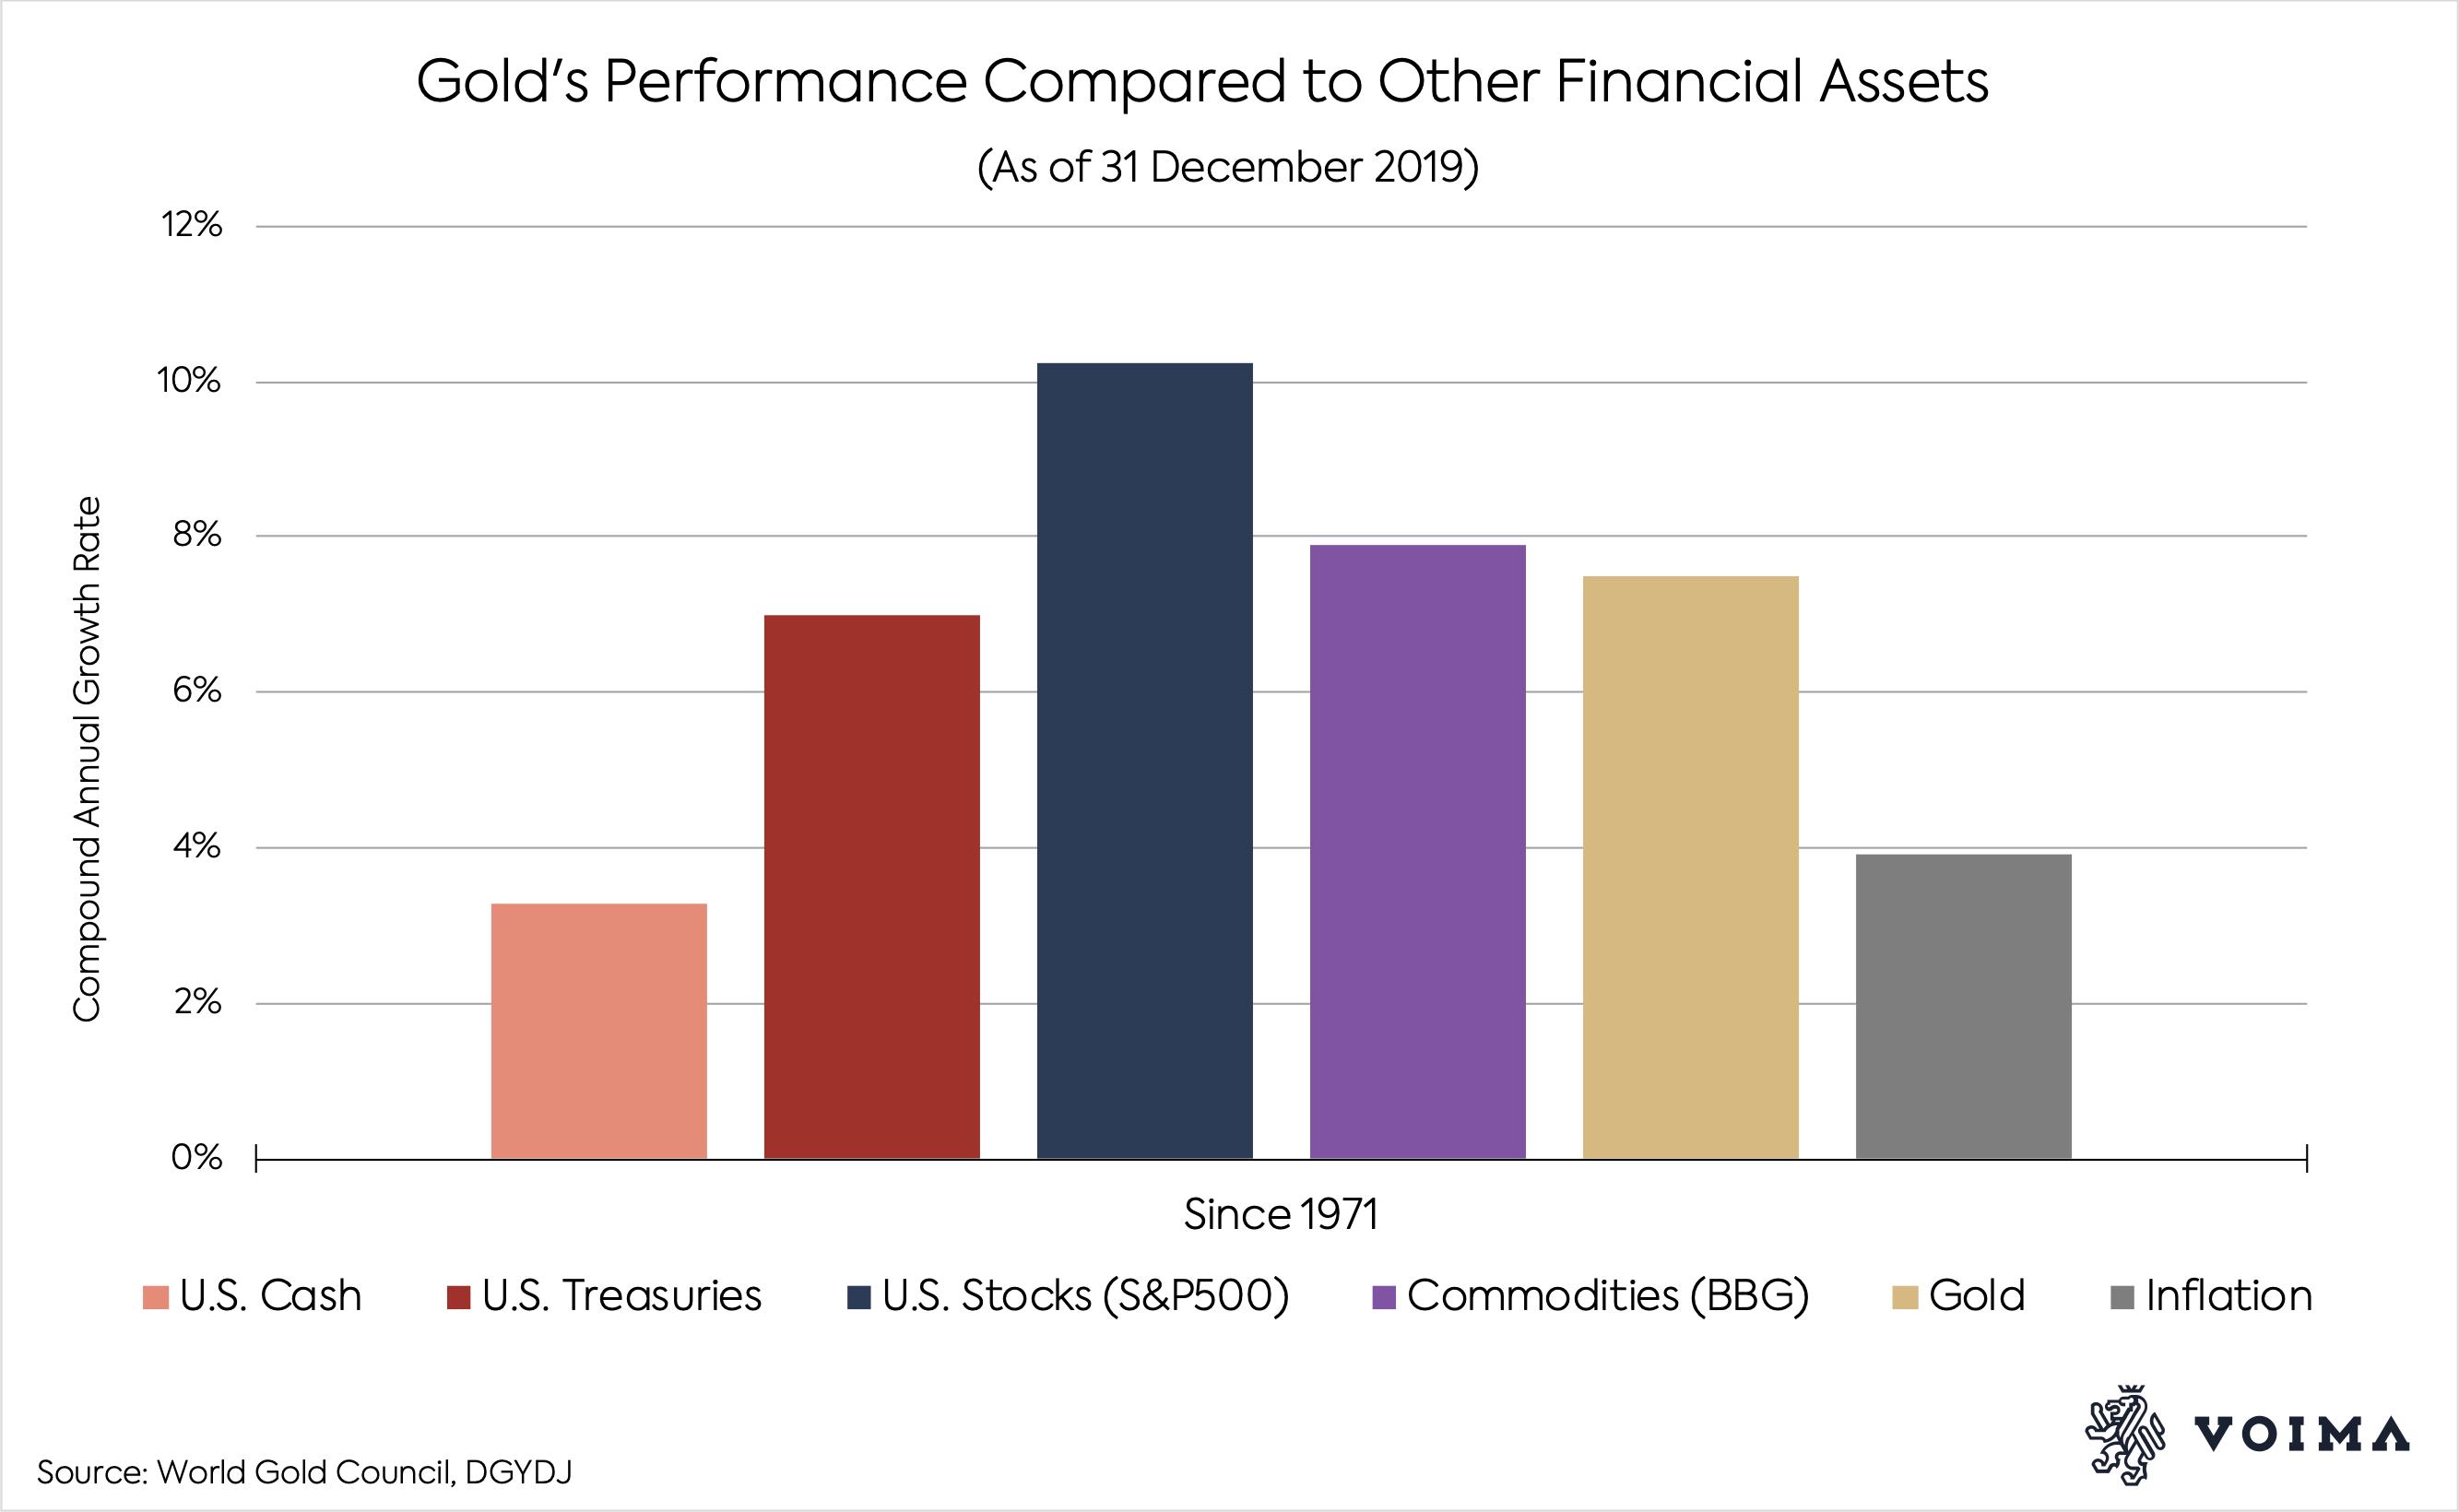 Представяне на златото спрямо други финансови активи